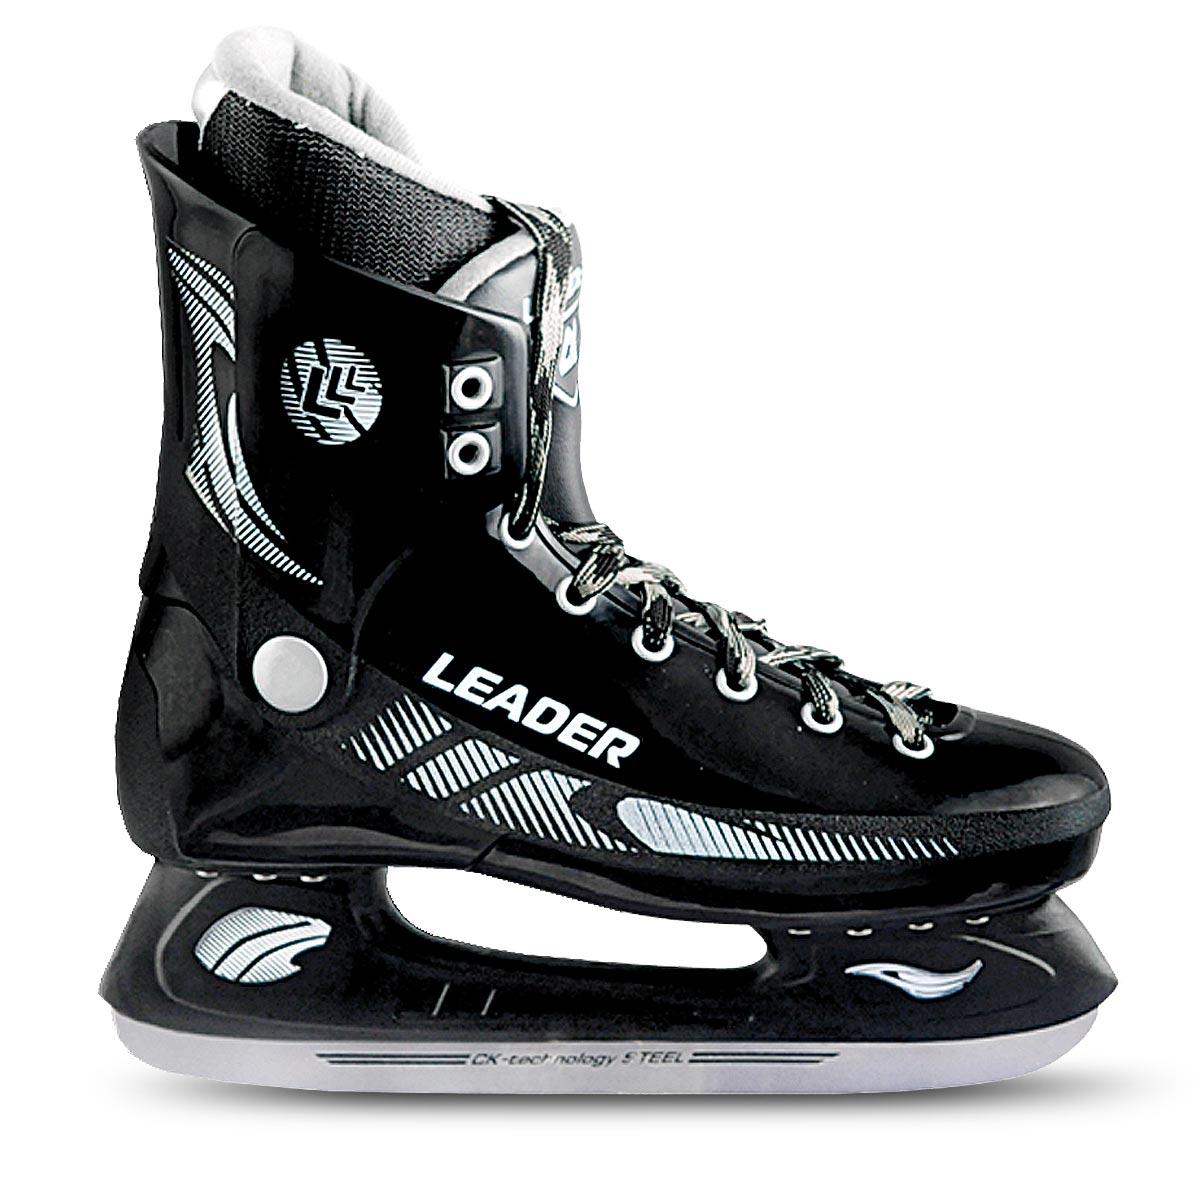 Коньки хоккейные мужские CK Leader, цвет: черный. Размер 41PROFY Z 2000_черный, серый_41Стильные коньки от CK Master Leader с ударопрочной защитной конструкцией отлично подойдут для начинающих обучаться катанию. Ботинки изготовлены из морозостойкого полимера, который защитит ноги от ударов. Верх изделия оформлен классической шнуровкой, надежно фиксирующей голеностоп. Сапожок, выполненный из комбинации капровелюра и искусственной кожи, оформлен принтом и тиснением в виде логотипа бренда. Внутренняя поверхность, дополненная утеплителем, и стелька исполнены из текстиля. Фигурное лезвие изготовлено из легированной стали со специальным покрытием, придающим дополнительную прочность.Усиленная двухстаканная рама декорирована с одной из боковых сторон оригинальным принтом. Стильные коньки придутся вам по душе.